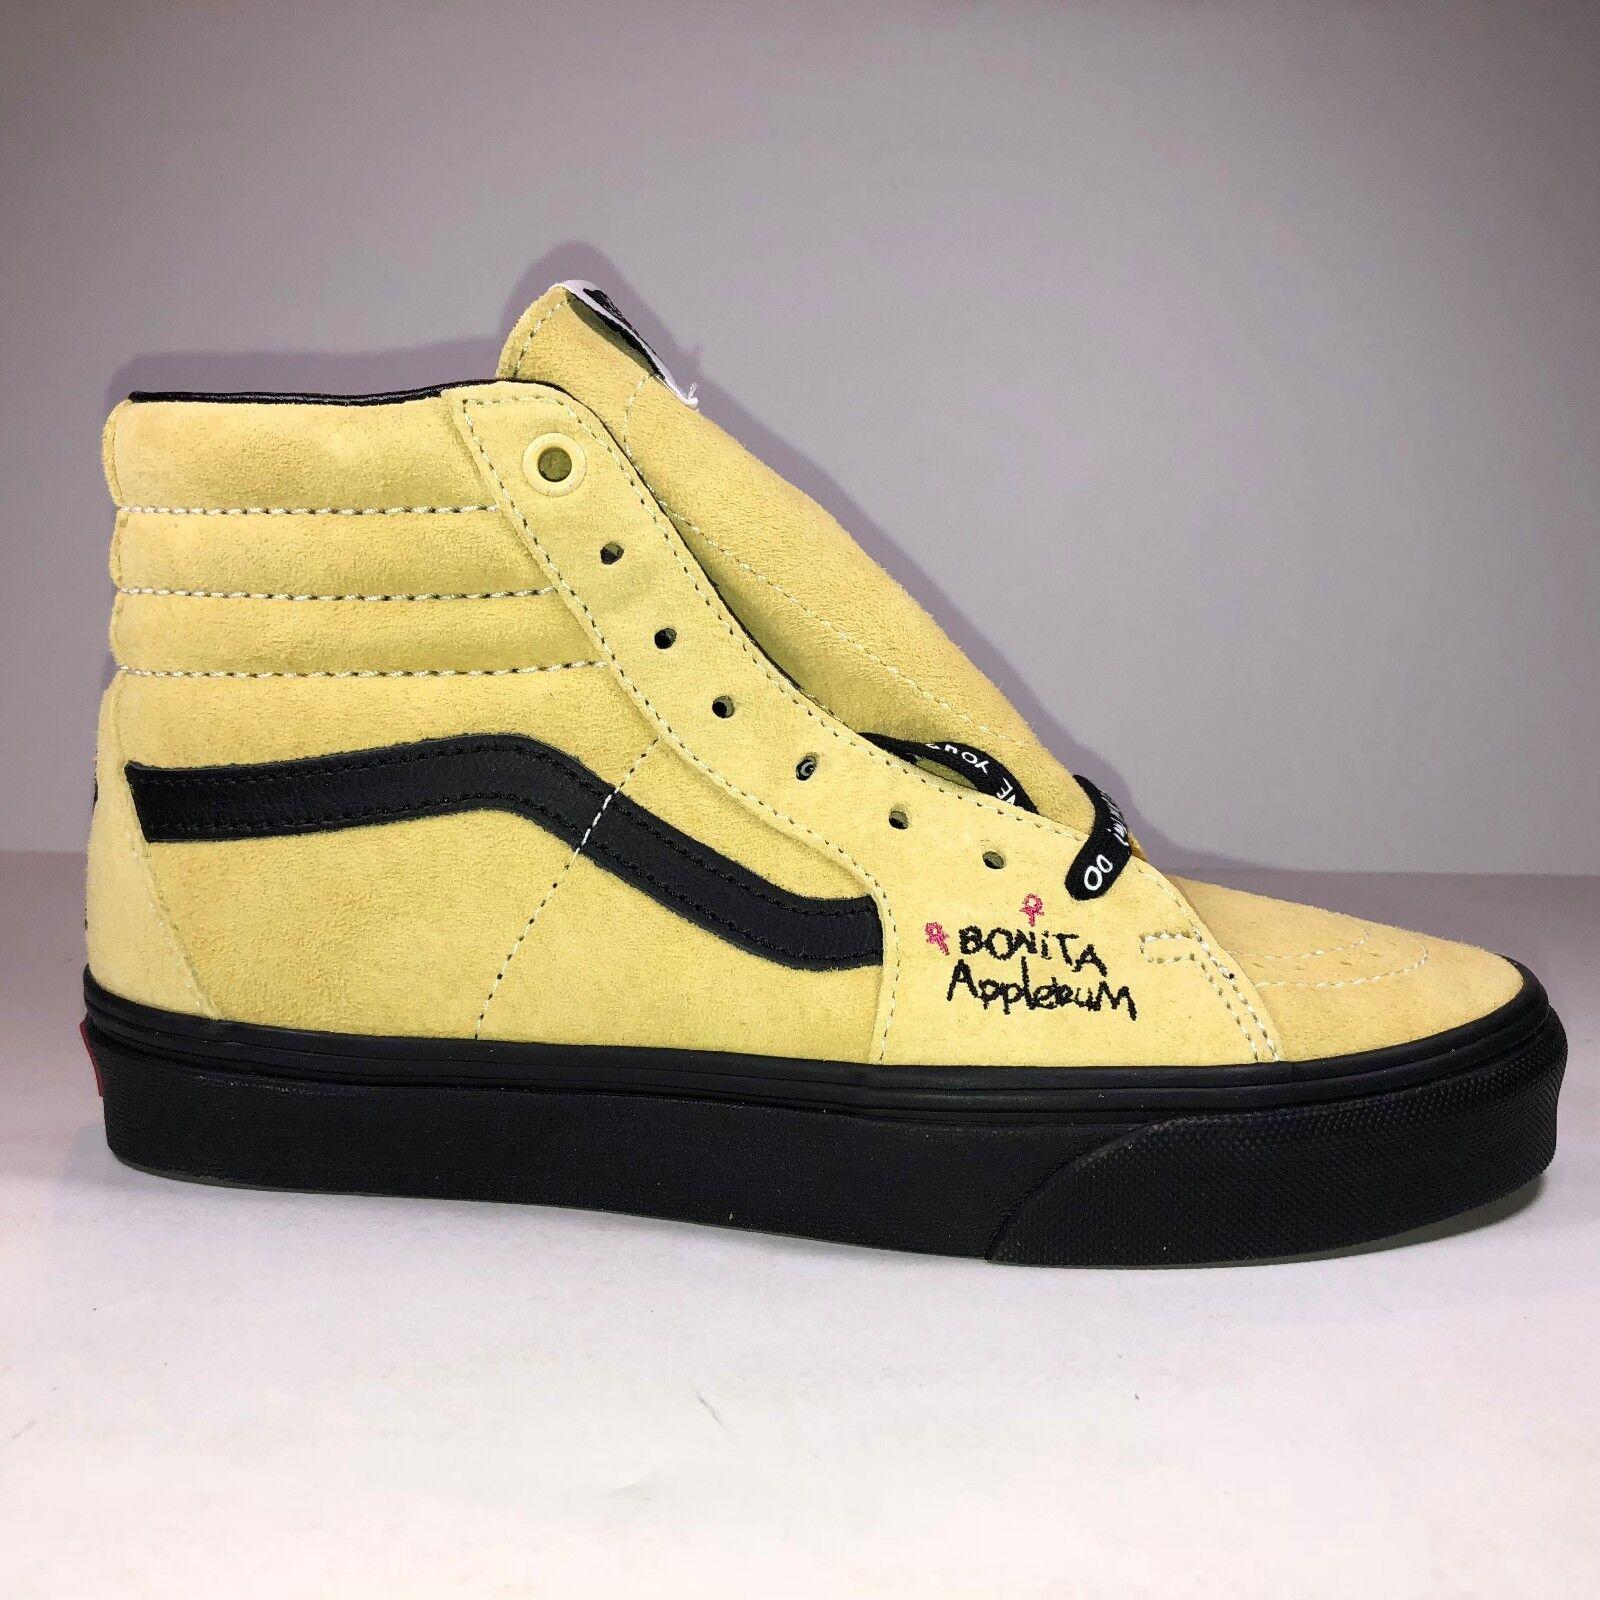 Vans ATCQ Mens Size 4 SK8 Hi Mellow Yellow Bonita Applebum Shoe New VN0A38GER31